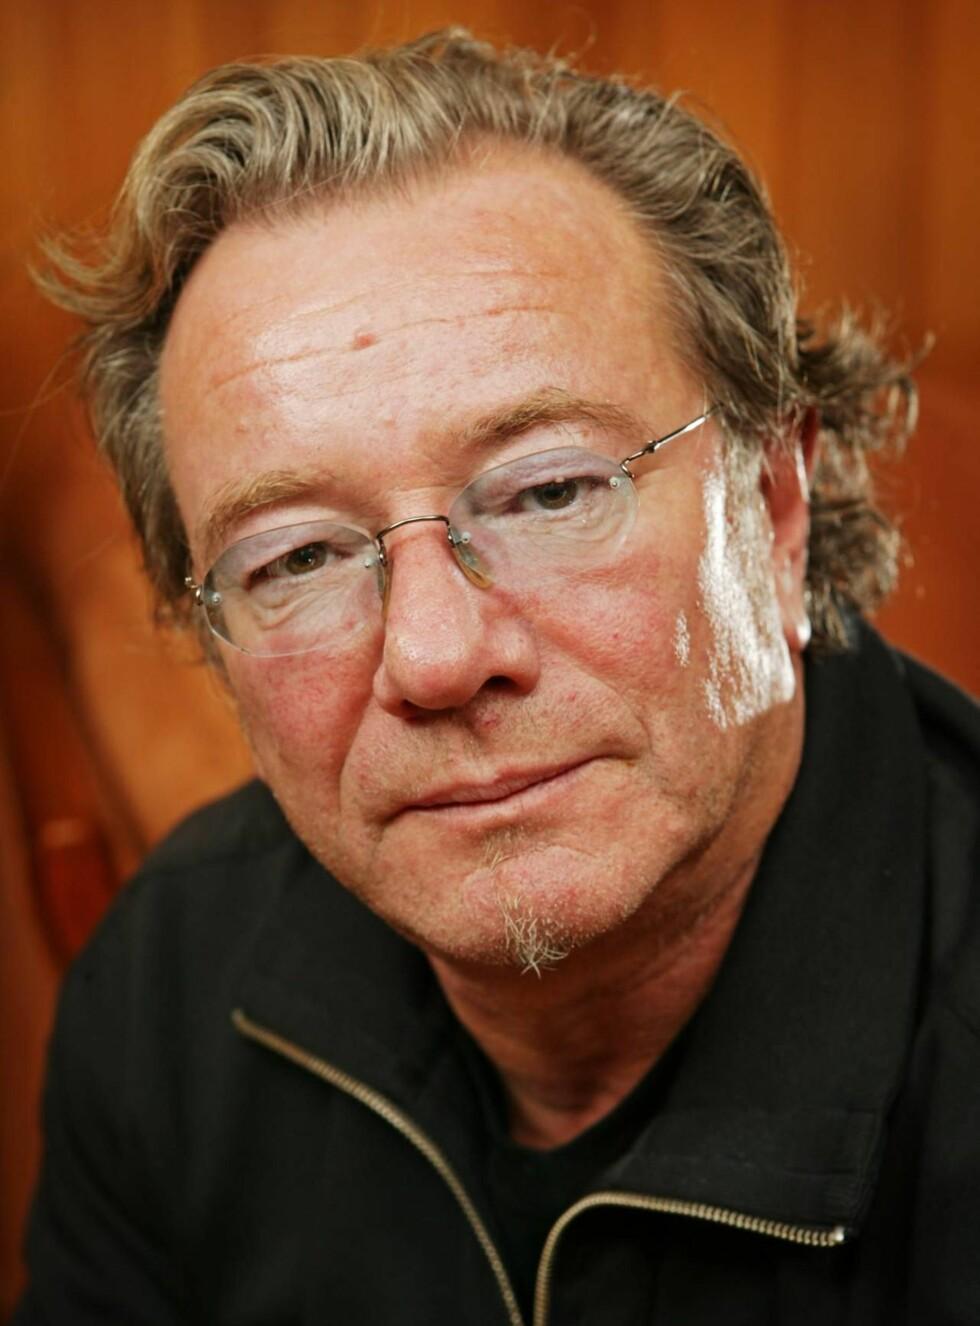 TRONDHEIM 20060108: Åge Aleksandersen. FOTO: WERNER JUVIK    Foto: Se og Hør, Werner Juvik